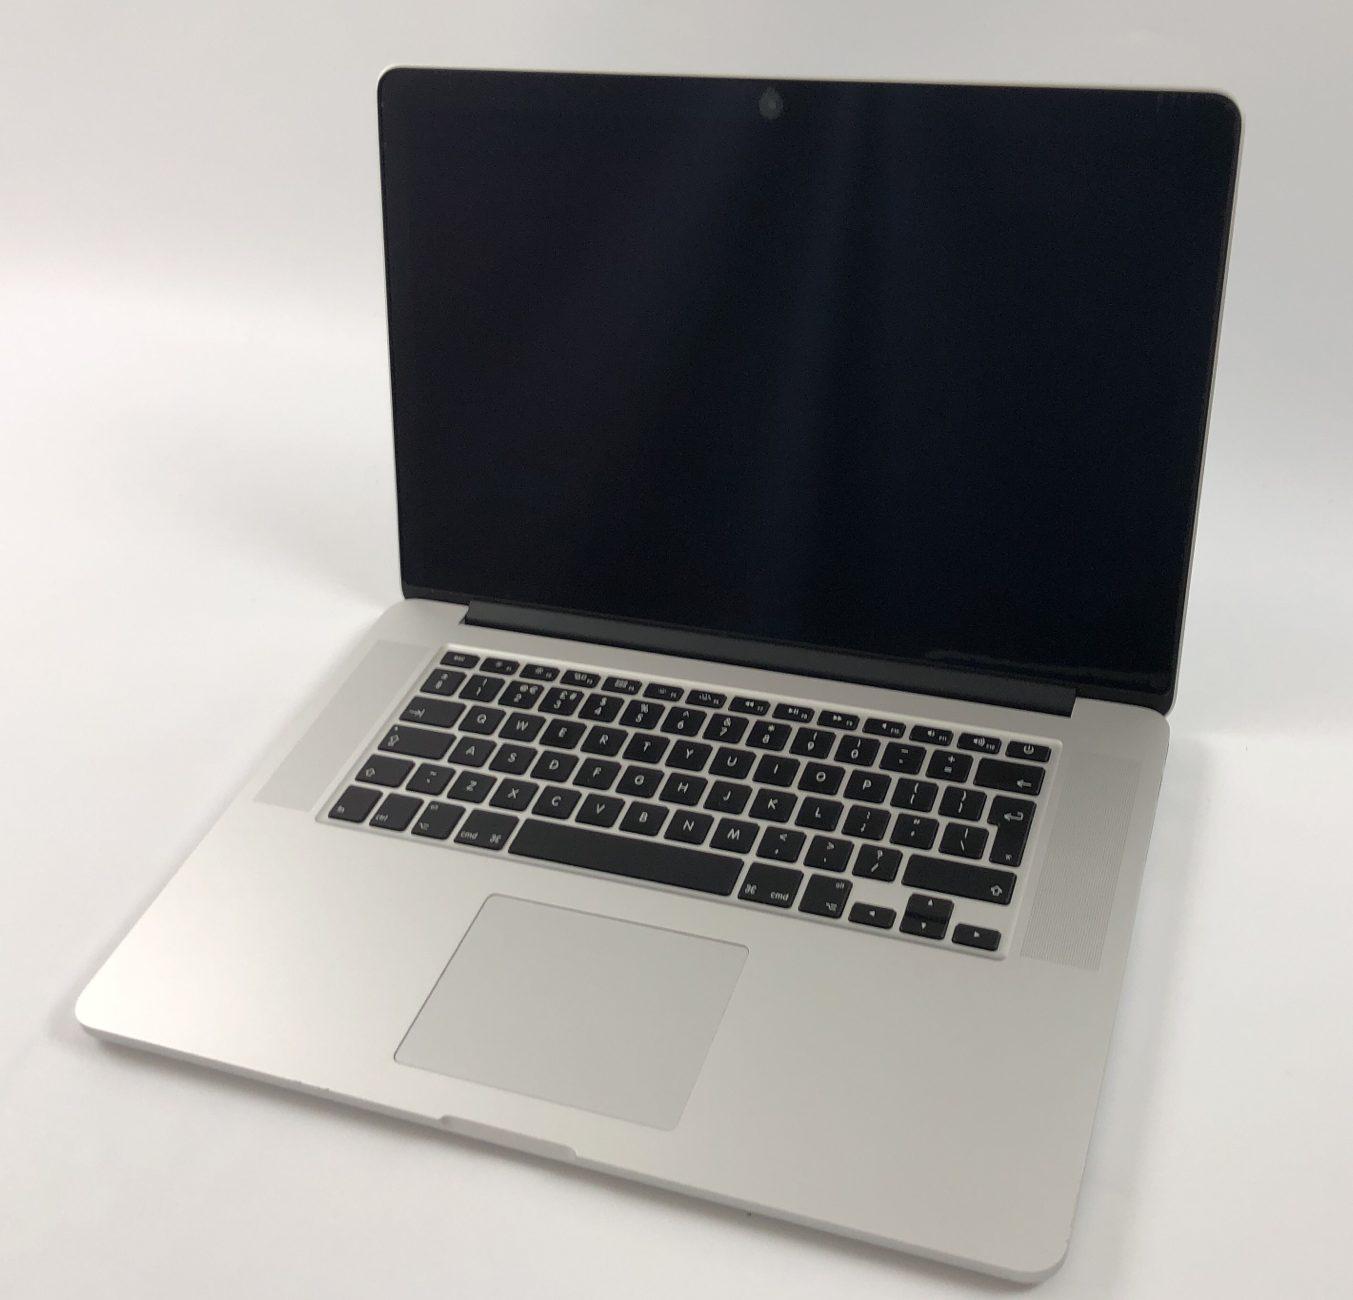 """MacBook Pro Retina 15"""" Mid 2014 (Intel Quad-Core i7 2.5 GHz 16 GB RAM 512 GB SSD), Intel Quad-Core i7 2.5 GHz, 16 GB RAM, 512 GB SSD, image 1"""